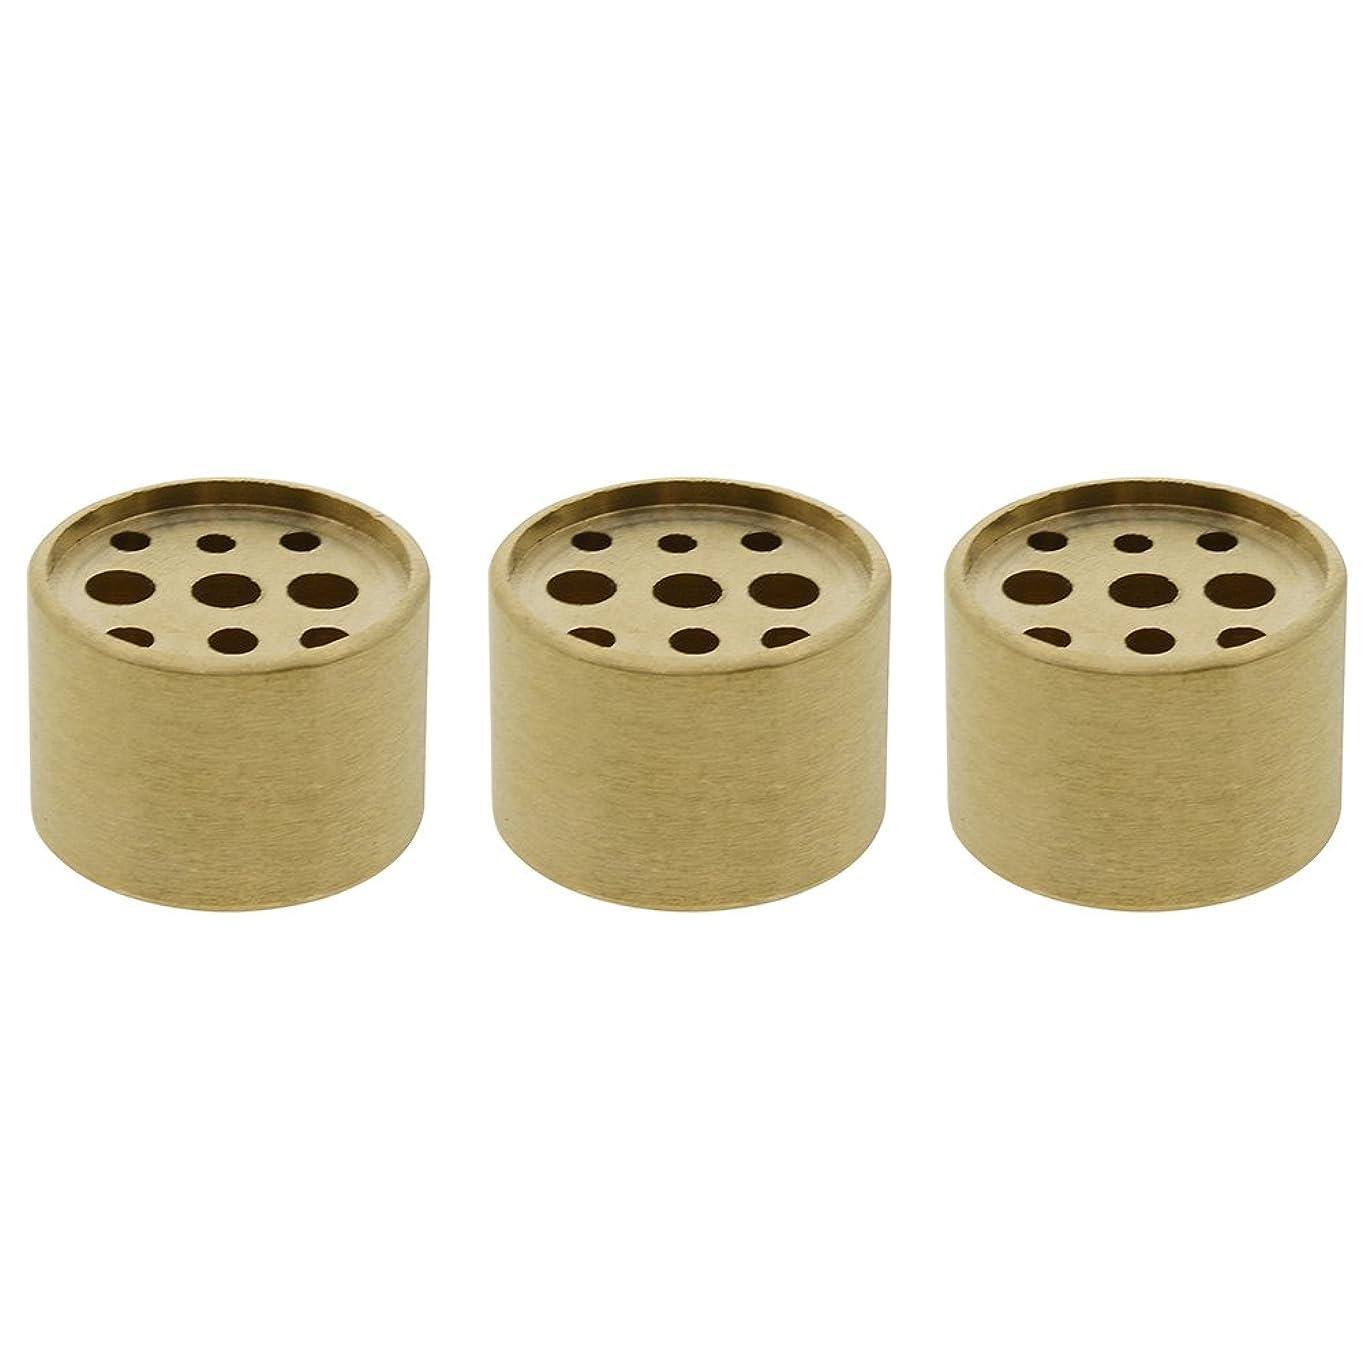 シンボル狂ったディレイSaim 3個Fine銅円柱形状Incenseホルダー9穴真鍮LotusスティックBurner for Incense